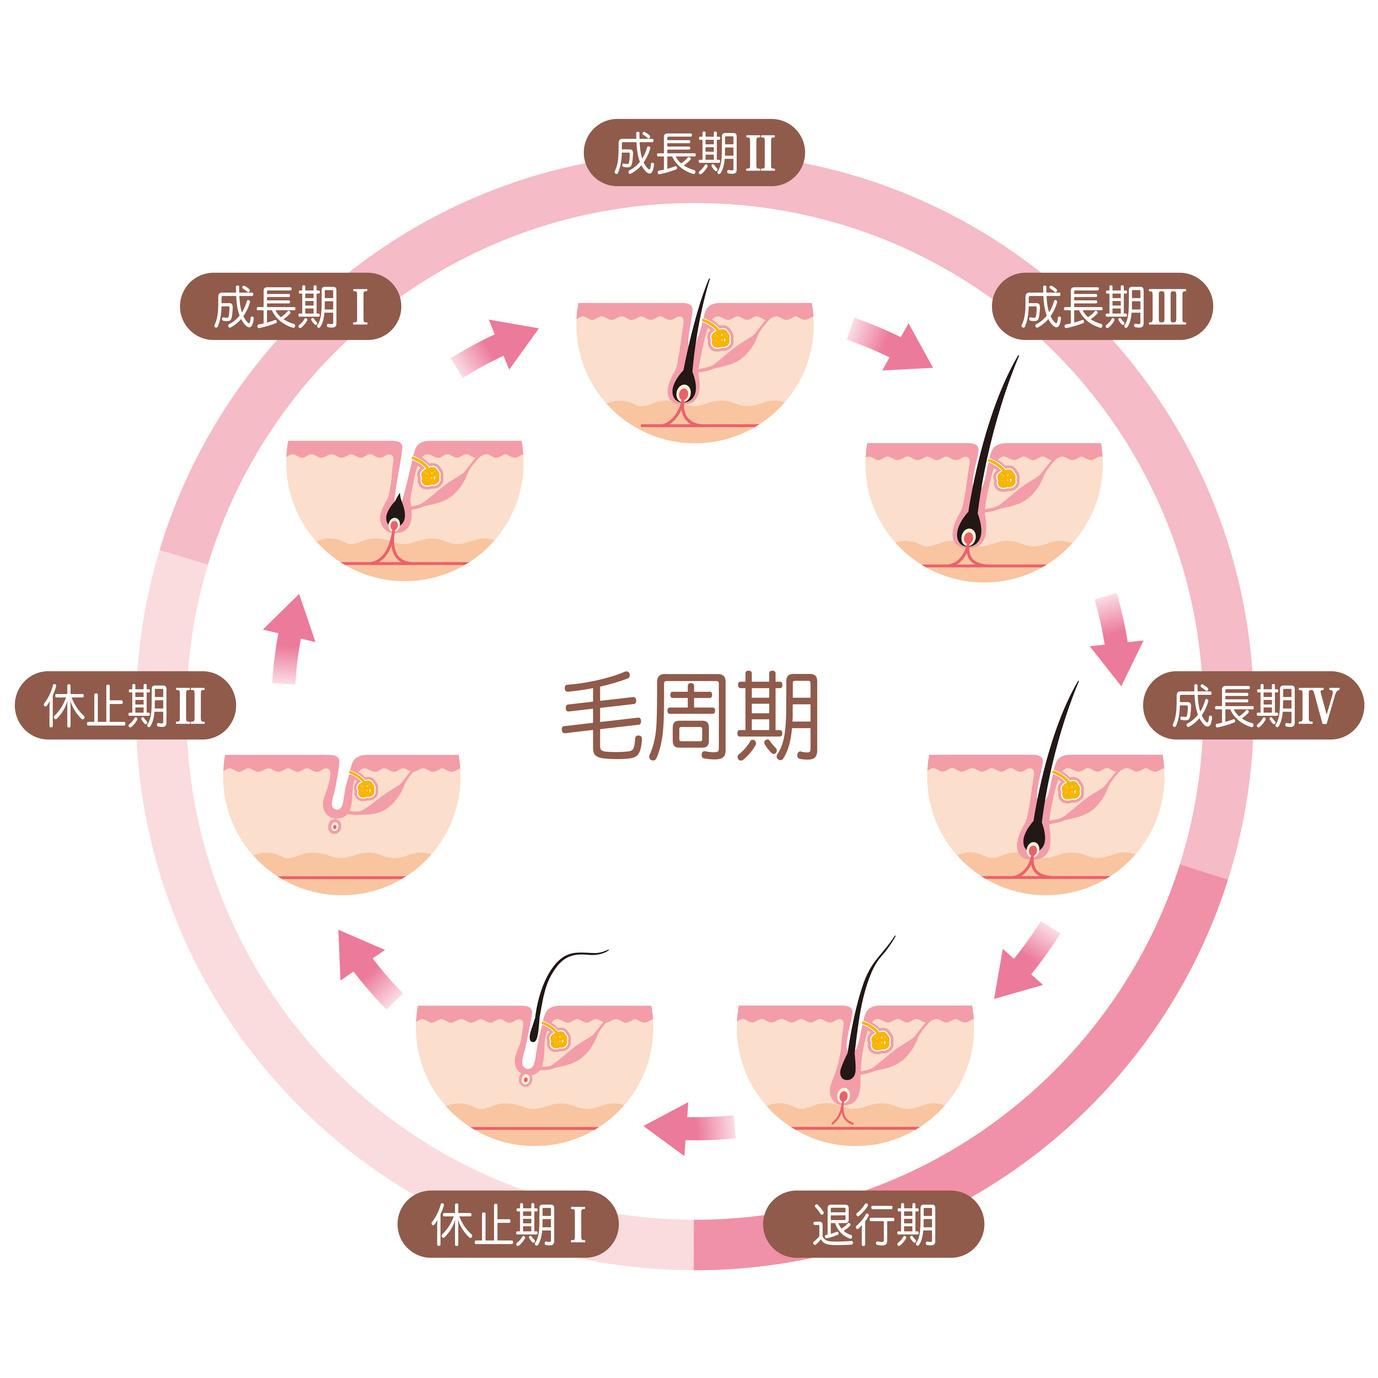 毛周期の説明